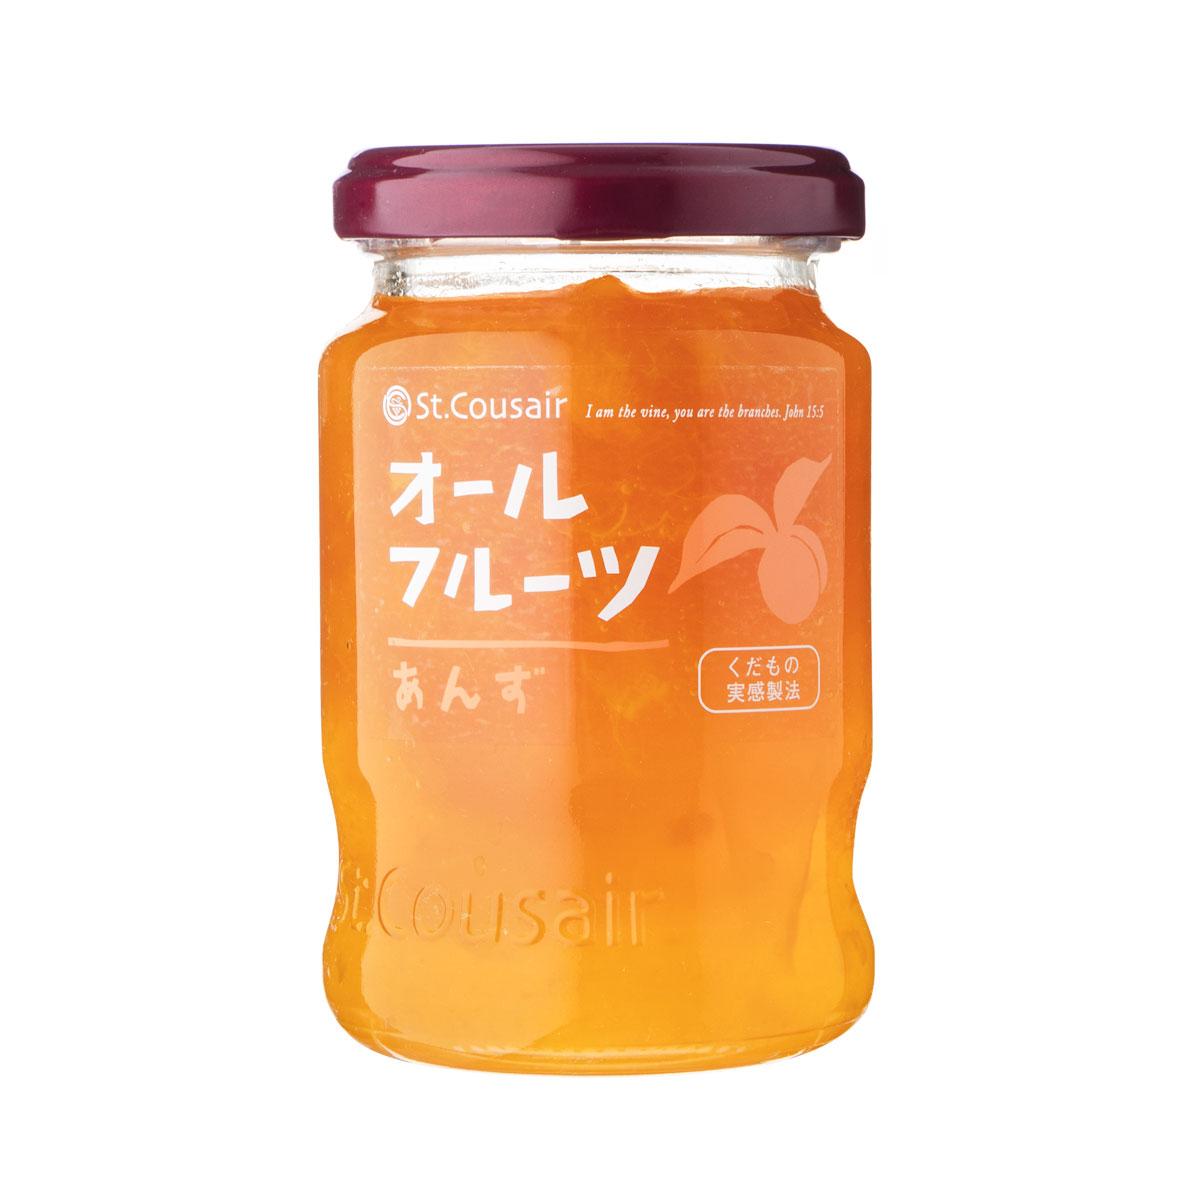 あんずのとろりとした食感と酸味、コクが一体となったジャム。 【サンクゼール】オールフルーツ あんず 185g J-1968